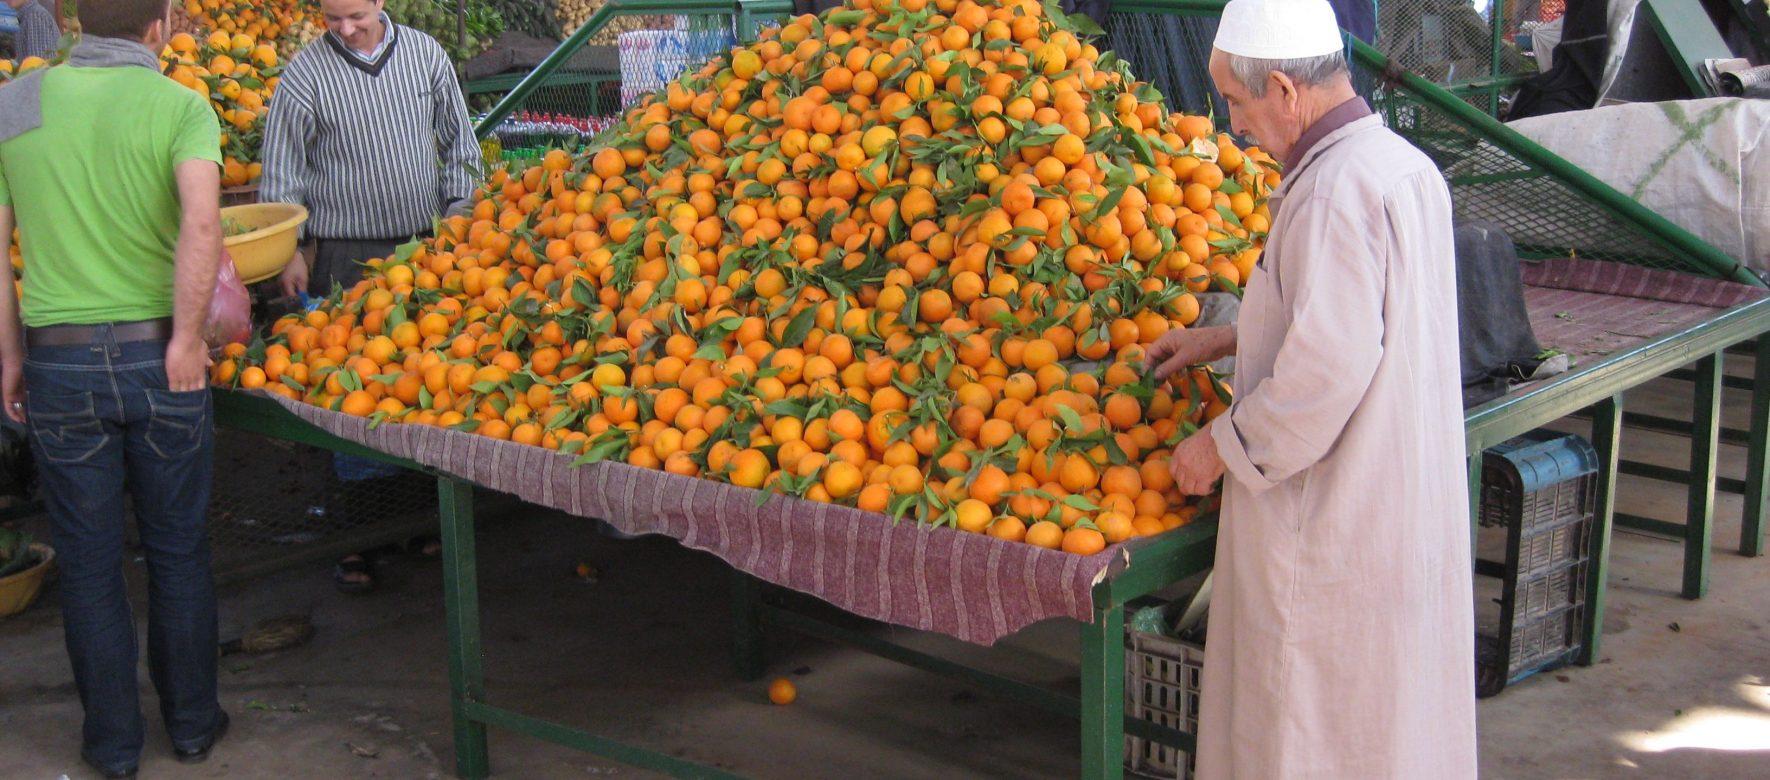 Maroc : La société Zalar Agri décroche un financement de 24 millions de $ pour développer ses exportations de fruits et légumes